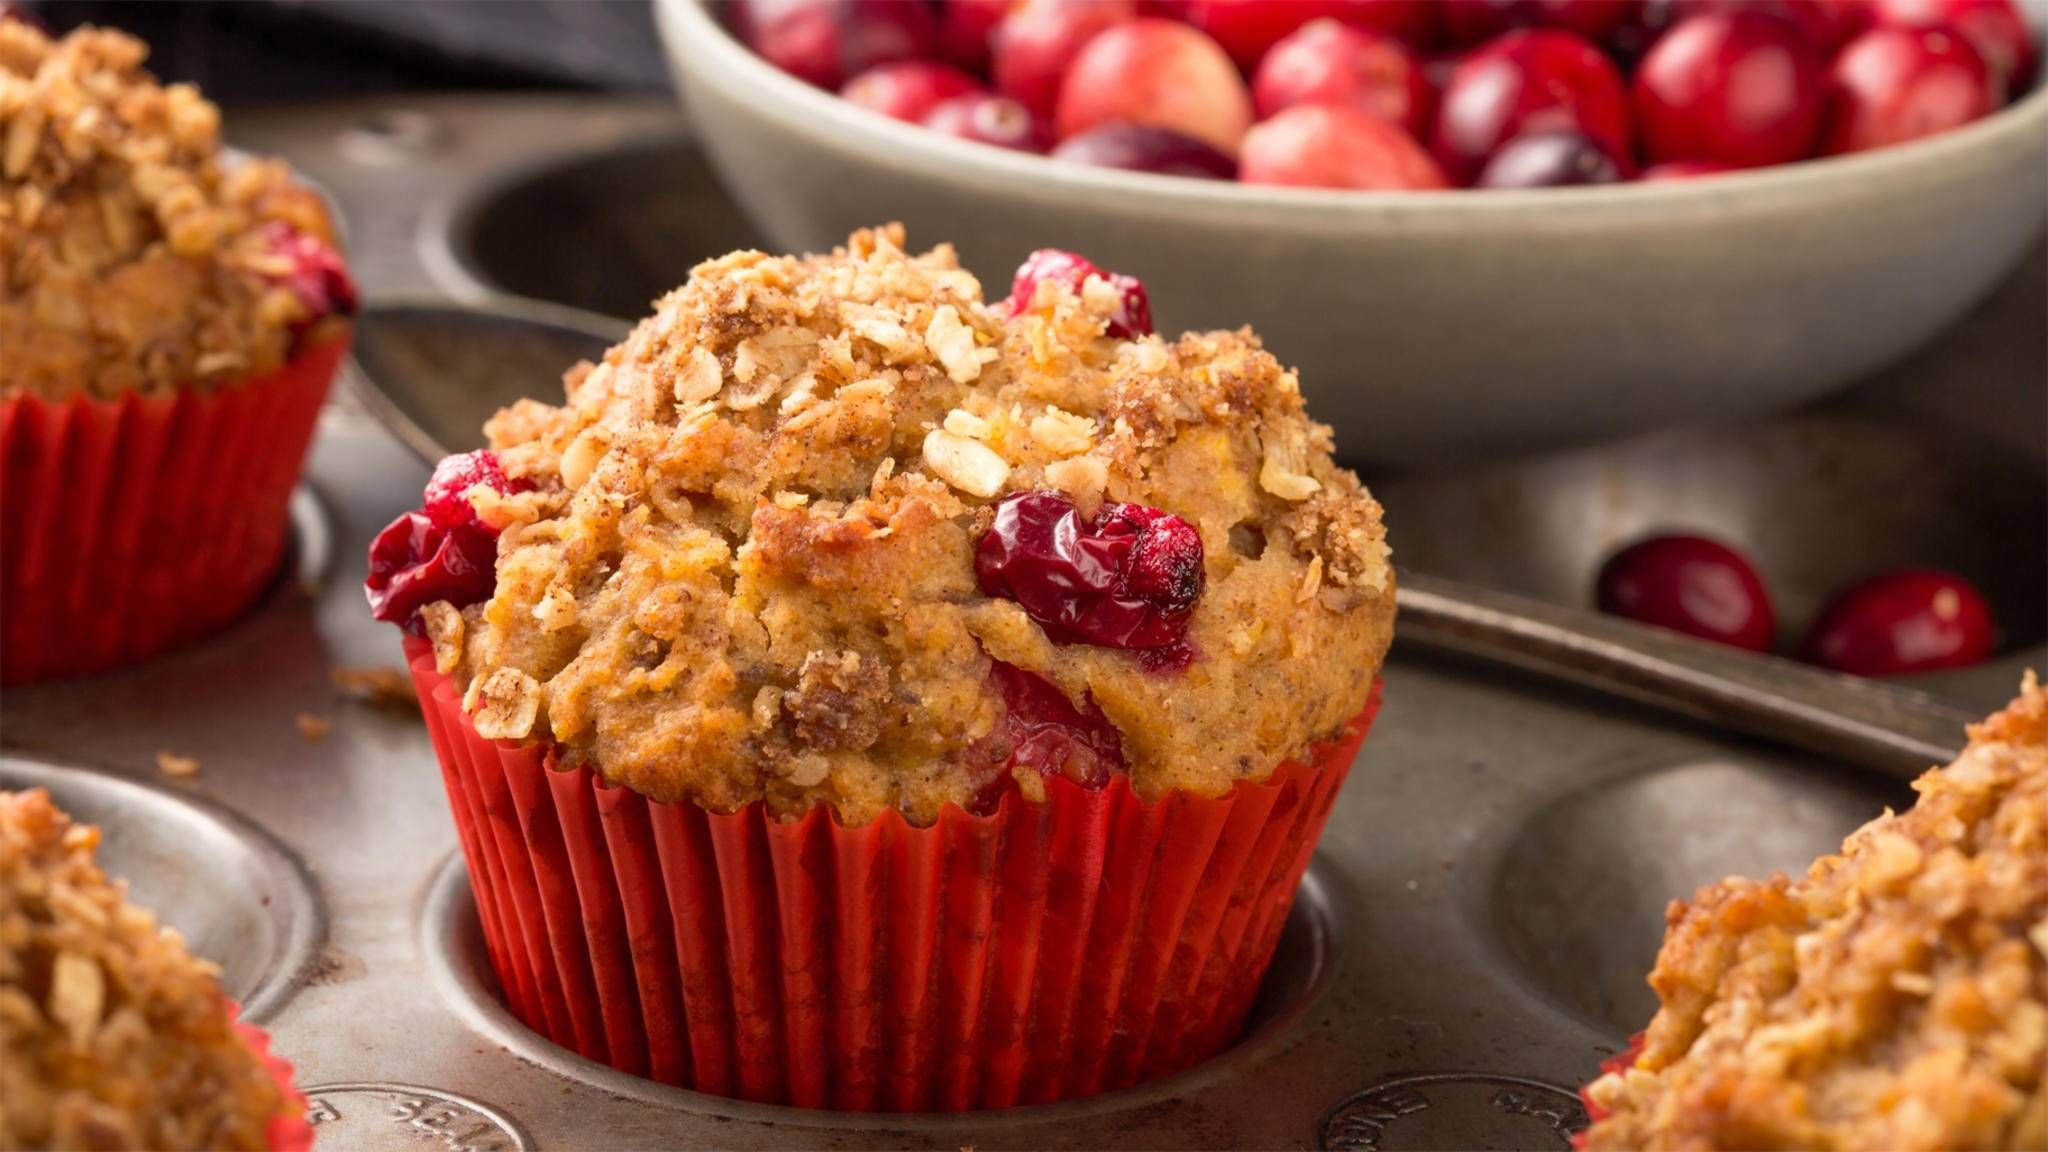 Selbst gebackene Muffins schmecken am besten.